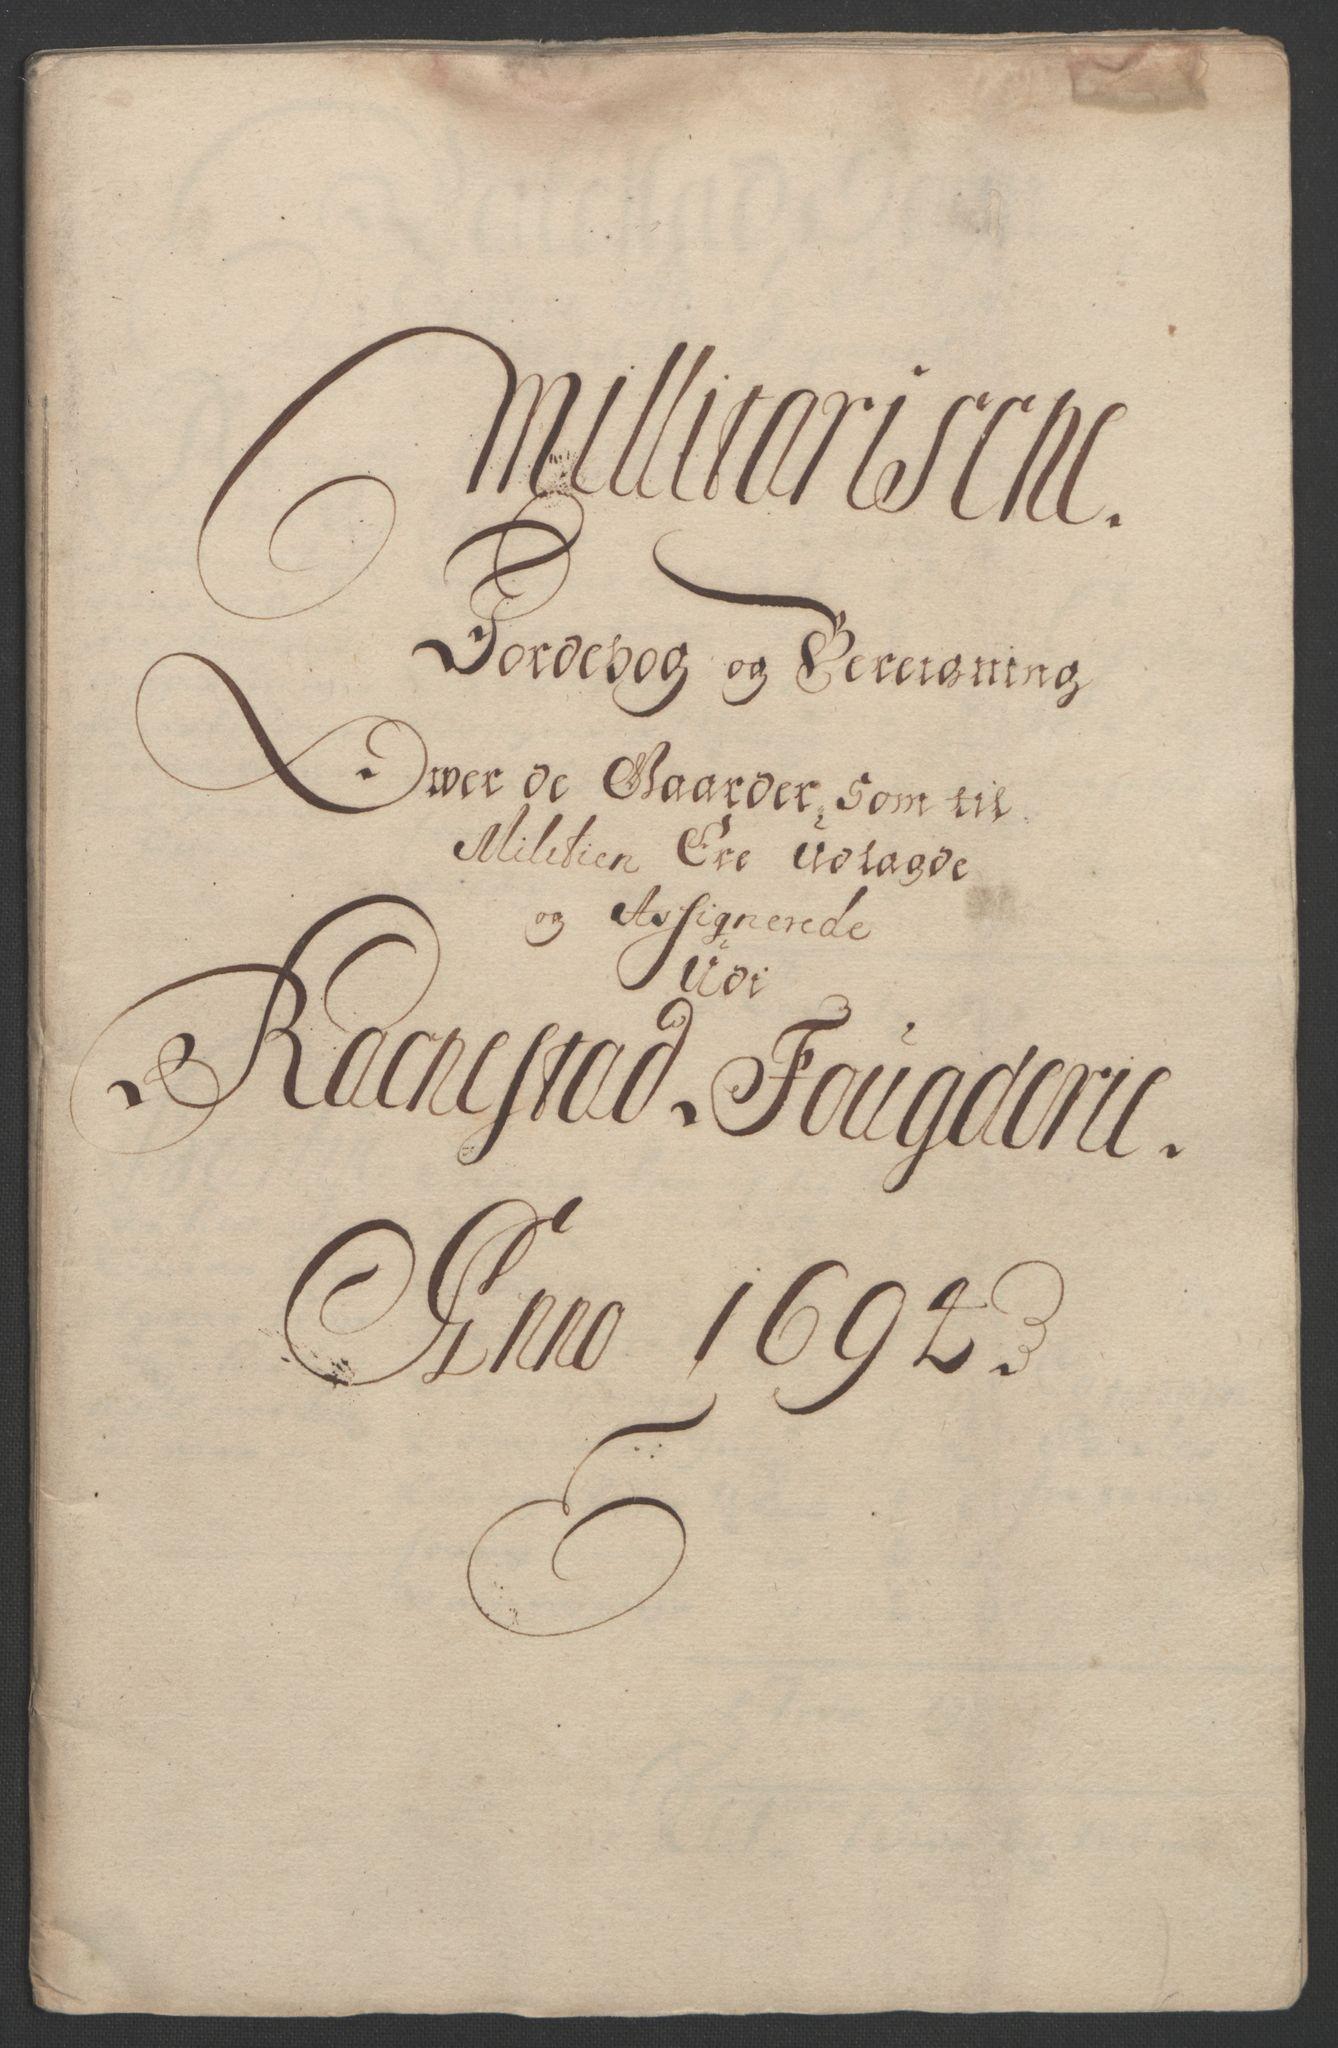 RA, Rentekammeret inntil 1814, Reviderte regnskaper, Fogderegnskap, R07/L0284: Fogderegnskap Rakkestad, Heggen og Frøland, 1694, s. 253